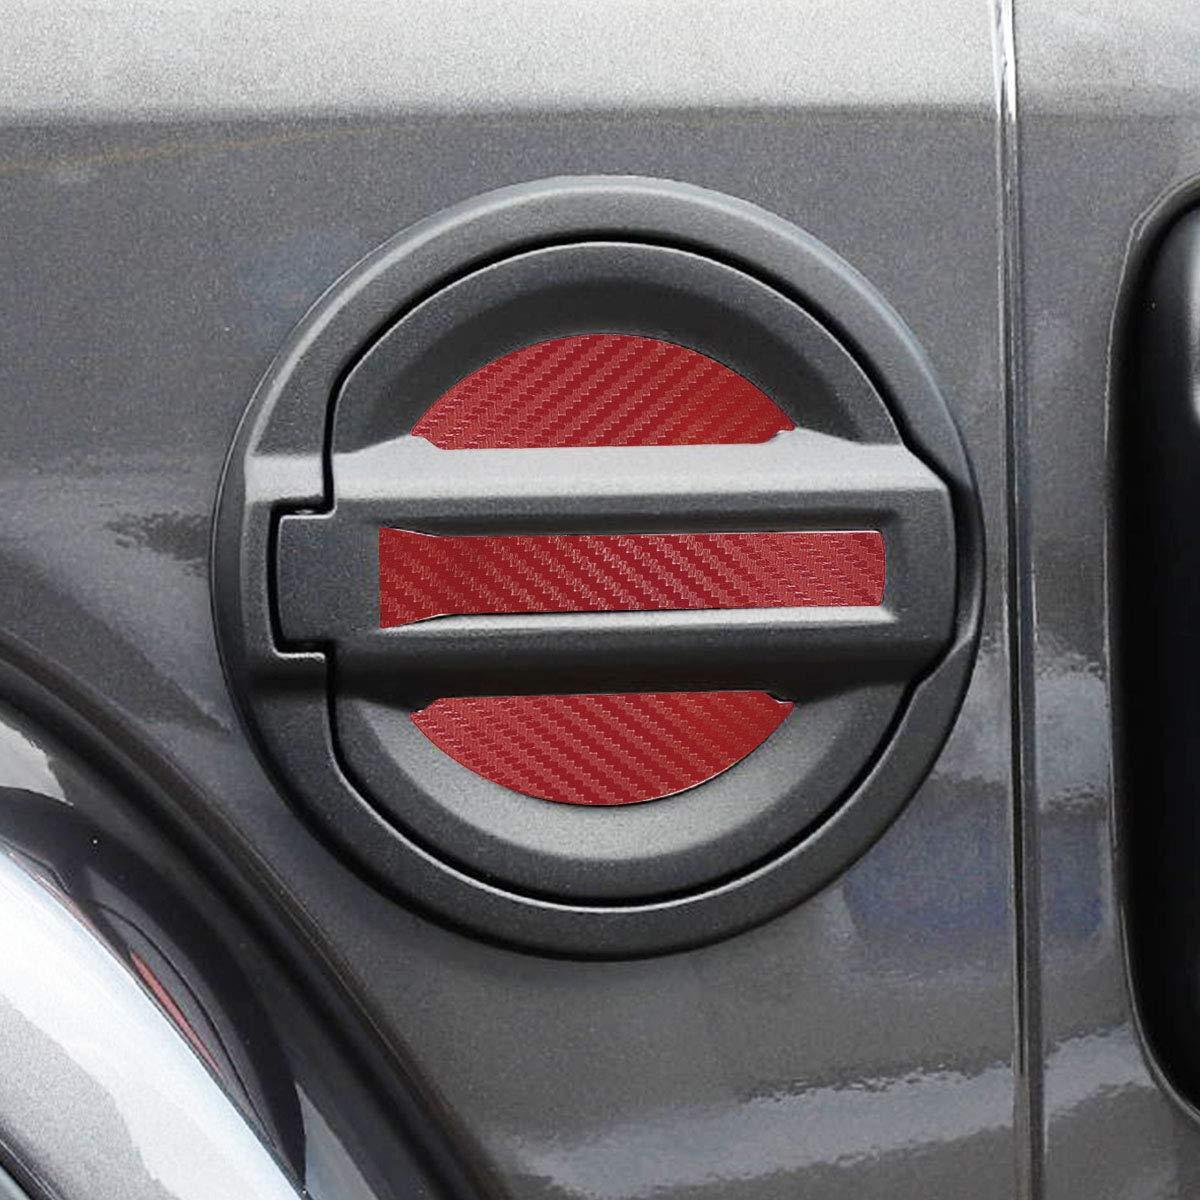 Rosso MLING Auto Tappi Serbatoio Carburante Decorativa Adesivi Striscia Compatibile per Wrangler JL 2018 2019